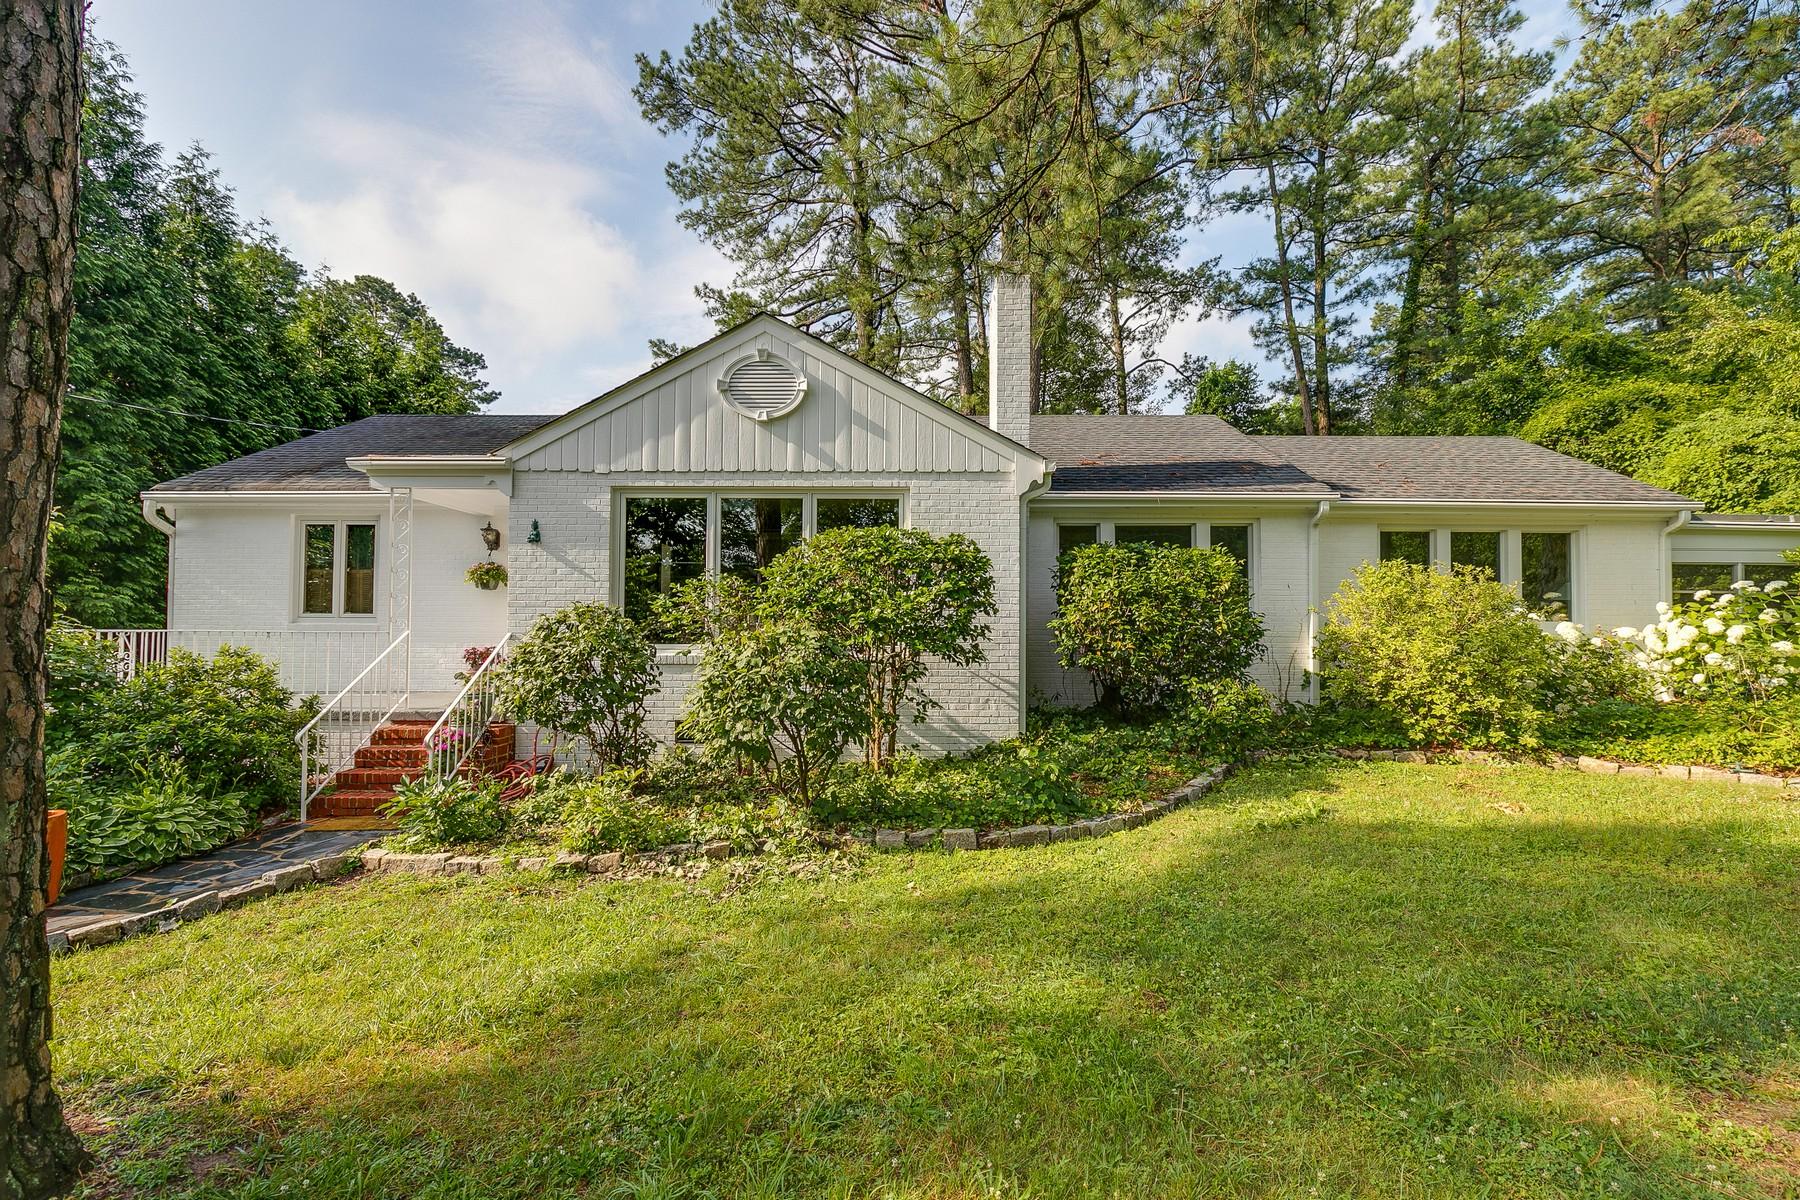 独户住宅 为 销售 在 8607 Julian Road, Henrico 8607 Julian Rd Henrico, 弗吉尼亚州, 23229 美国